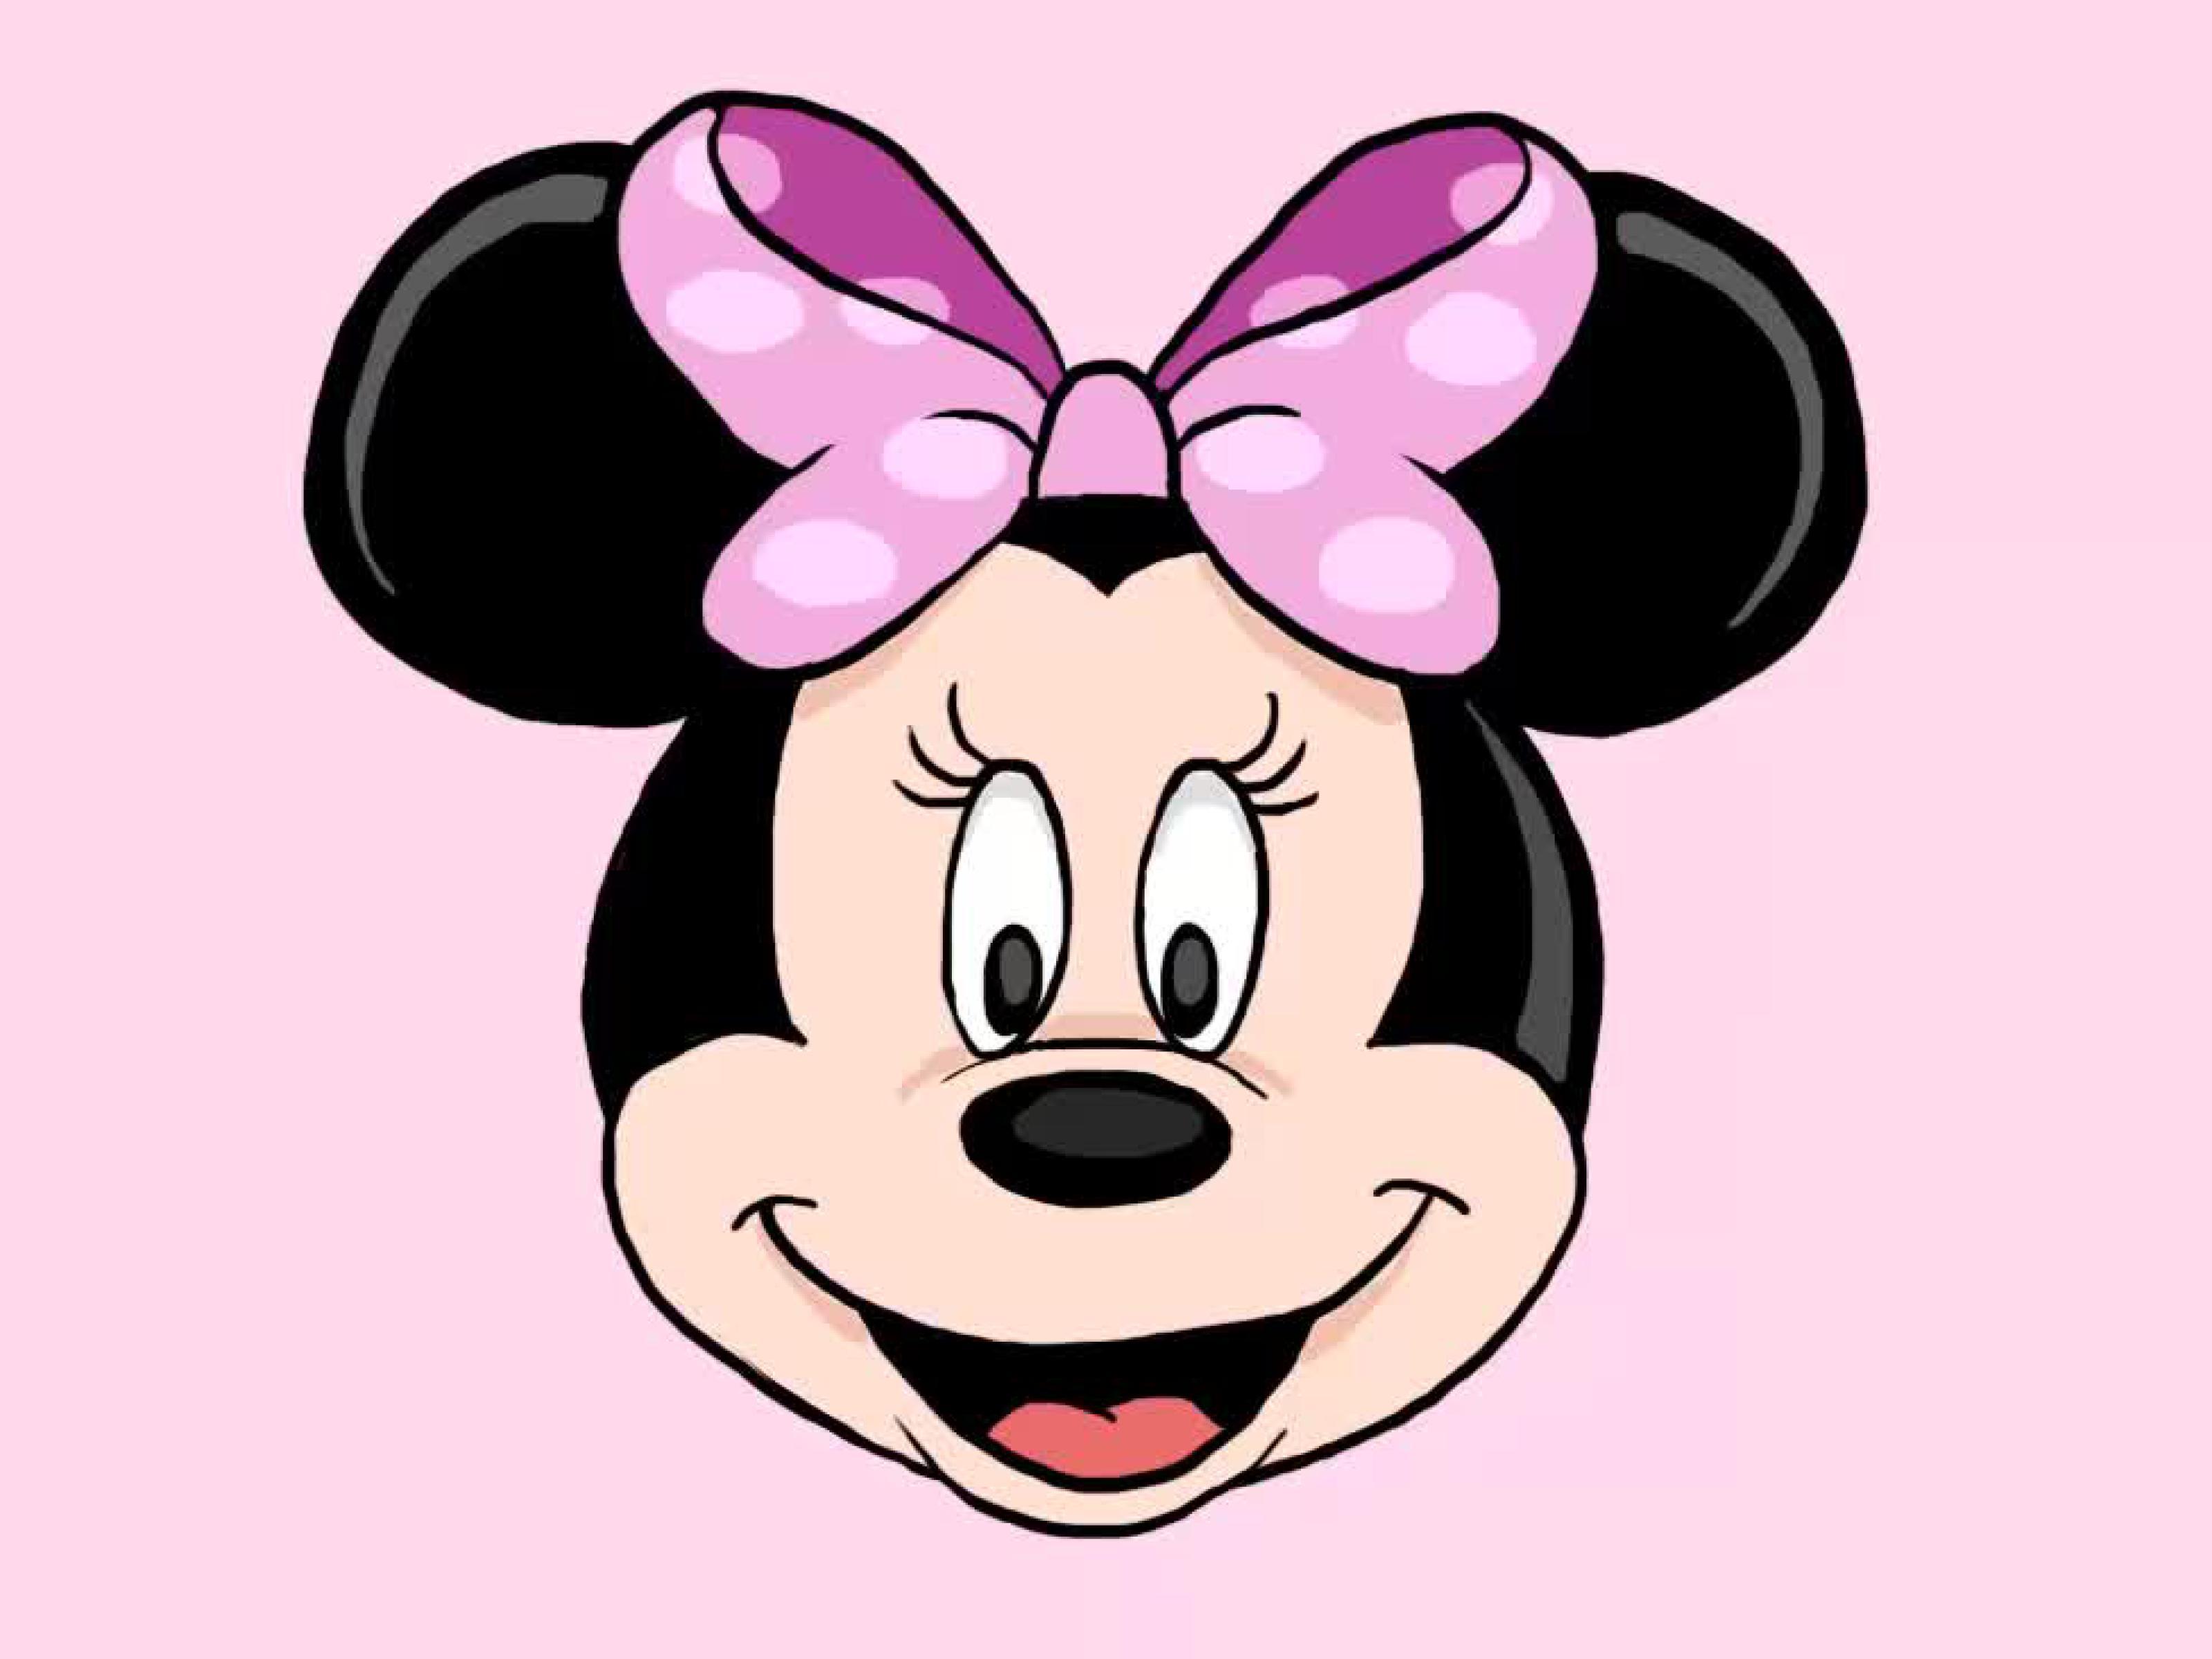 Minnie photo